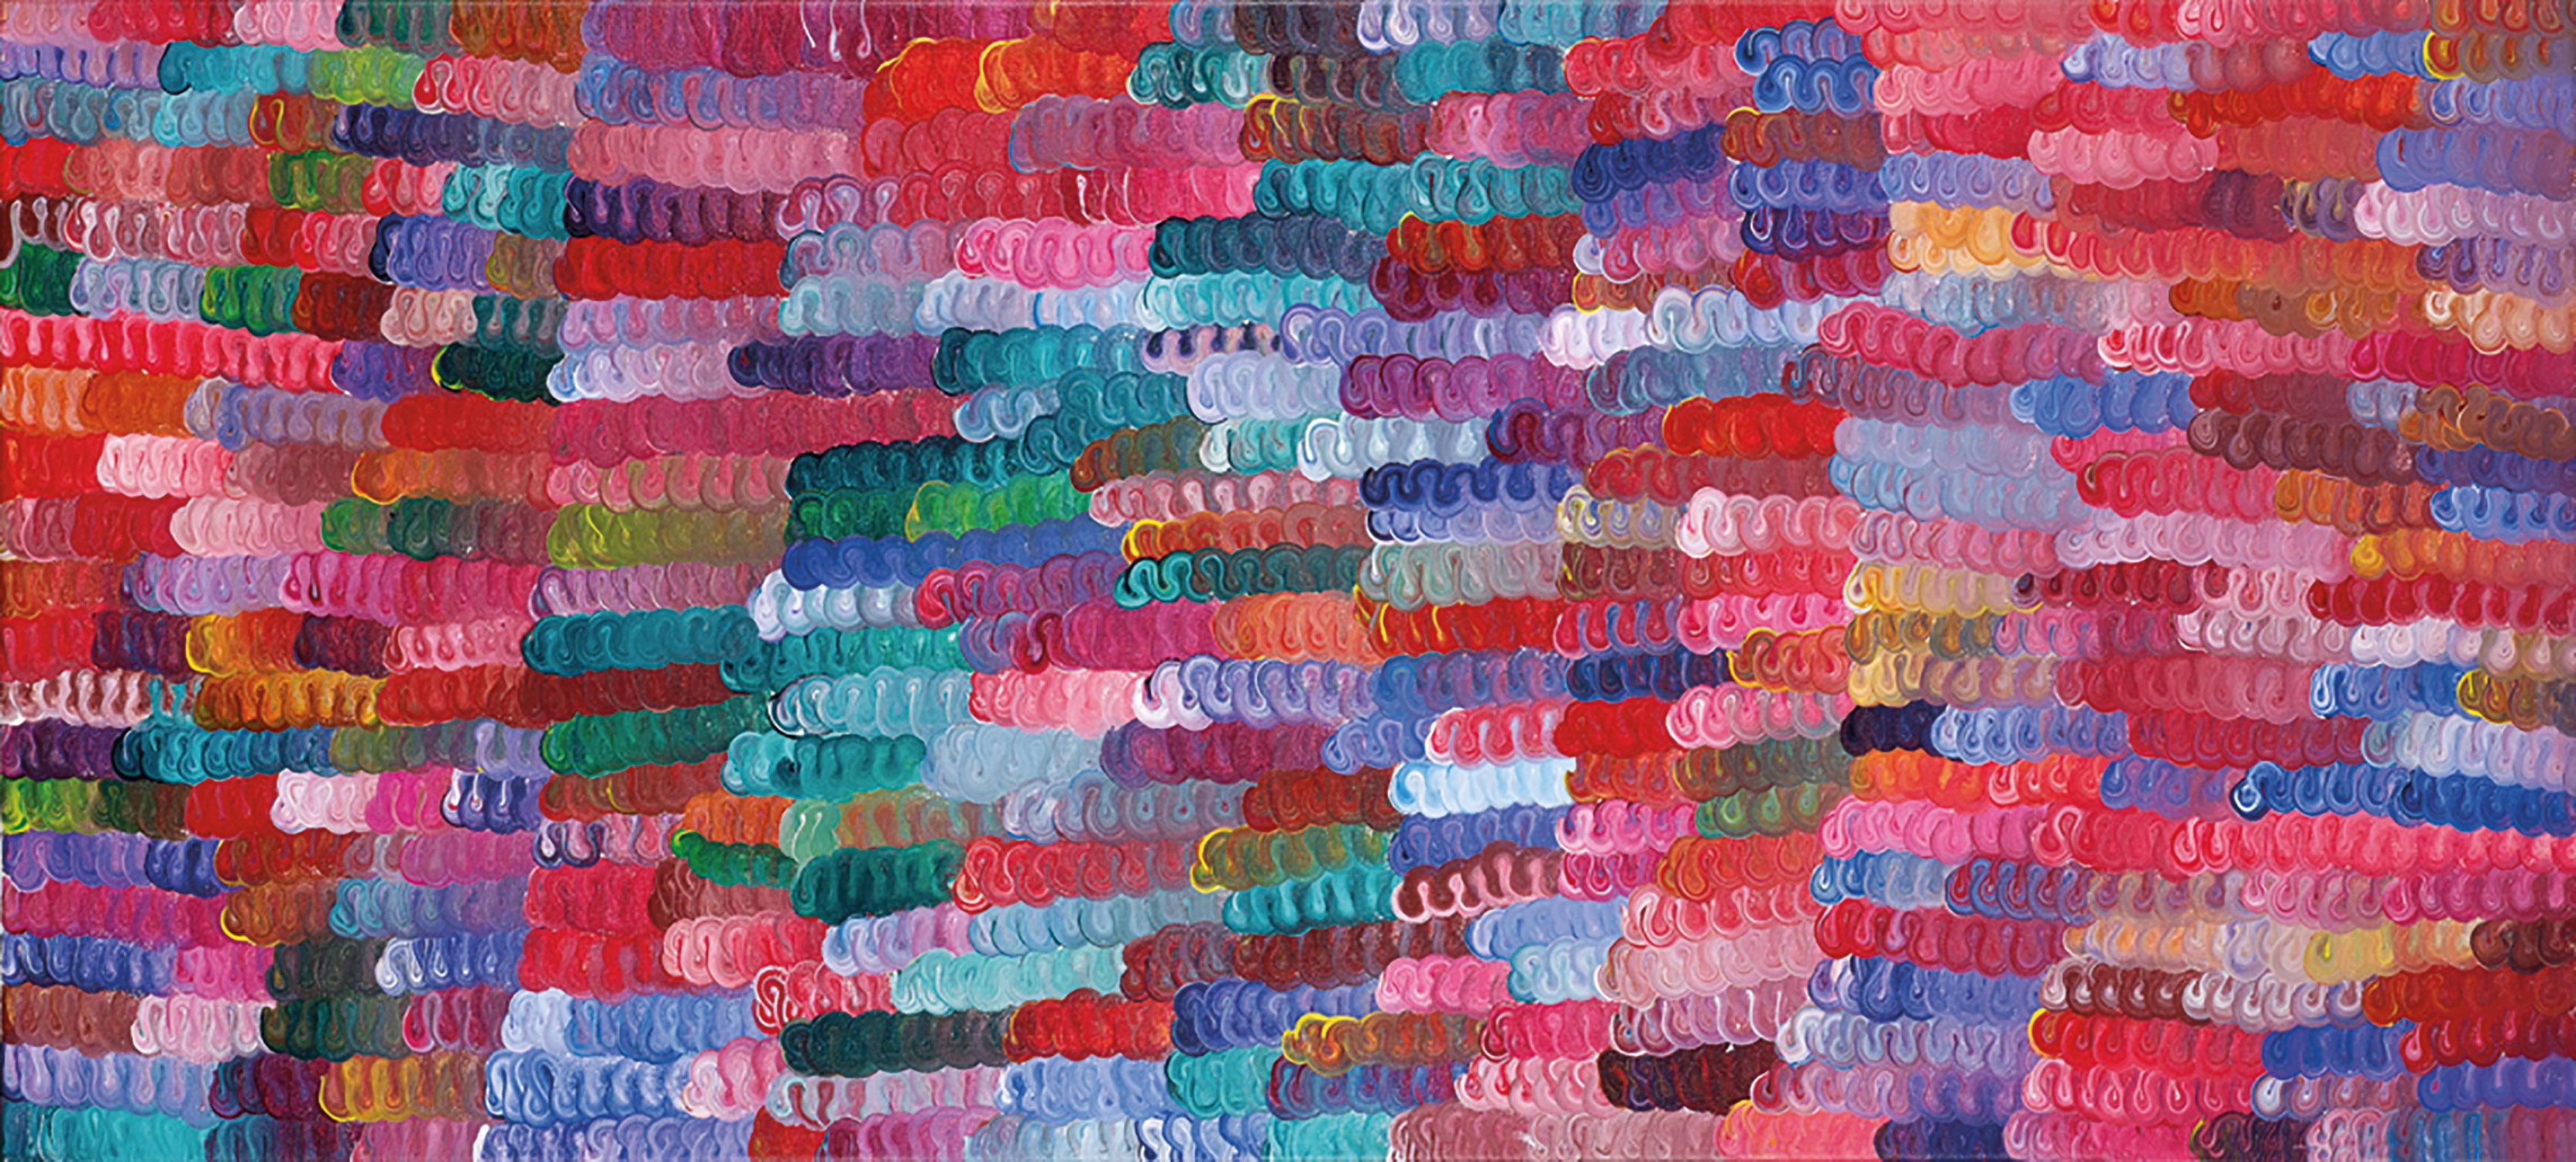 Faith Thompson Nelson Snake Tracks, 2003 123 x 56cm, Acrylic on canvas